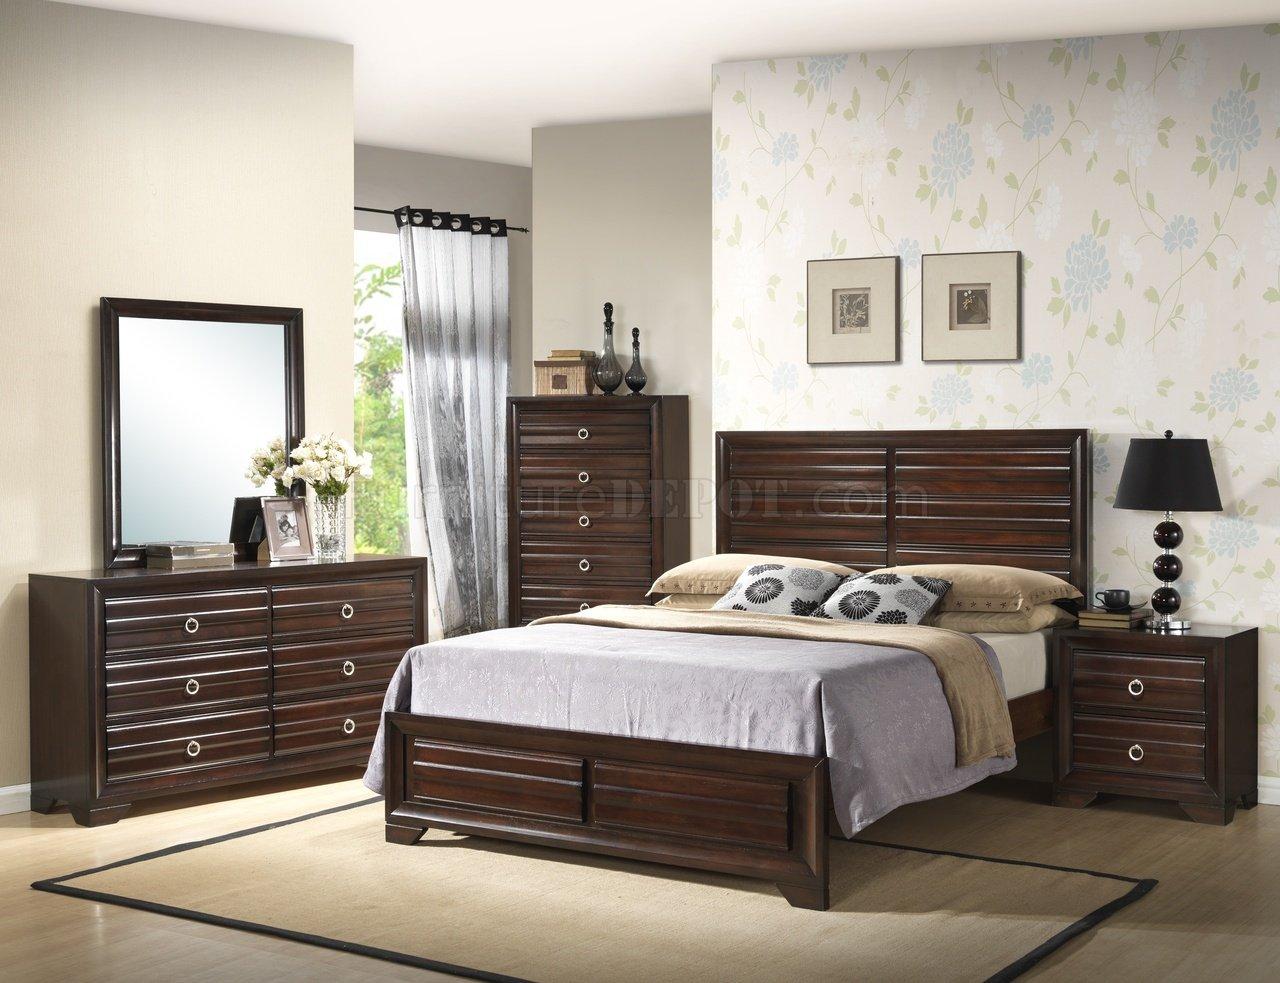 B310 Bedroom Set In Espresso W/Options